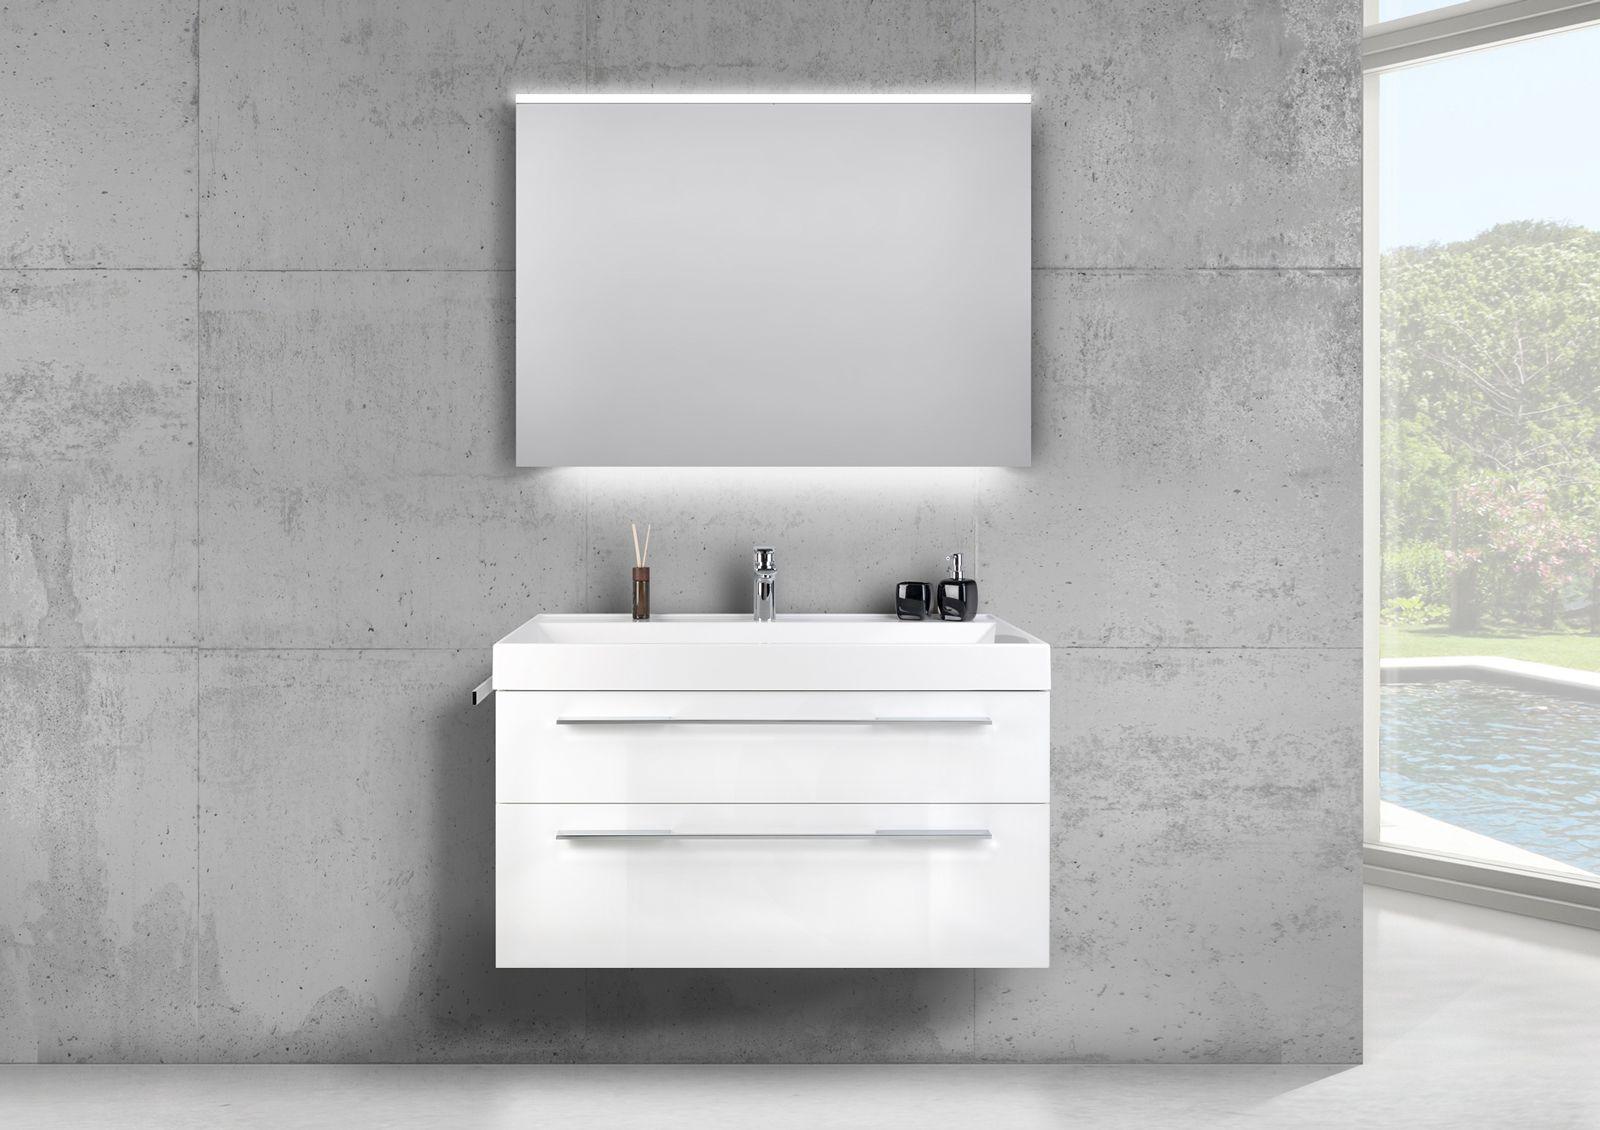 Design Badmobel 100 Cm Waschtisch Mit Unterschrank Und Led Lichtspiegel Unterschrank Spiegelschrank Led Waschtisch